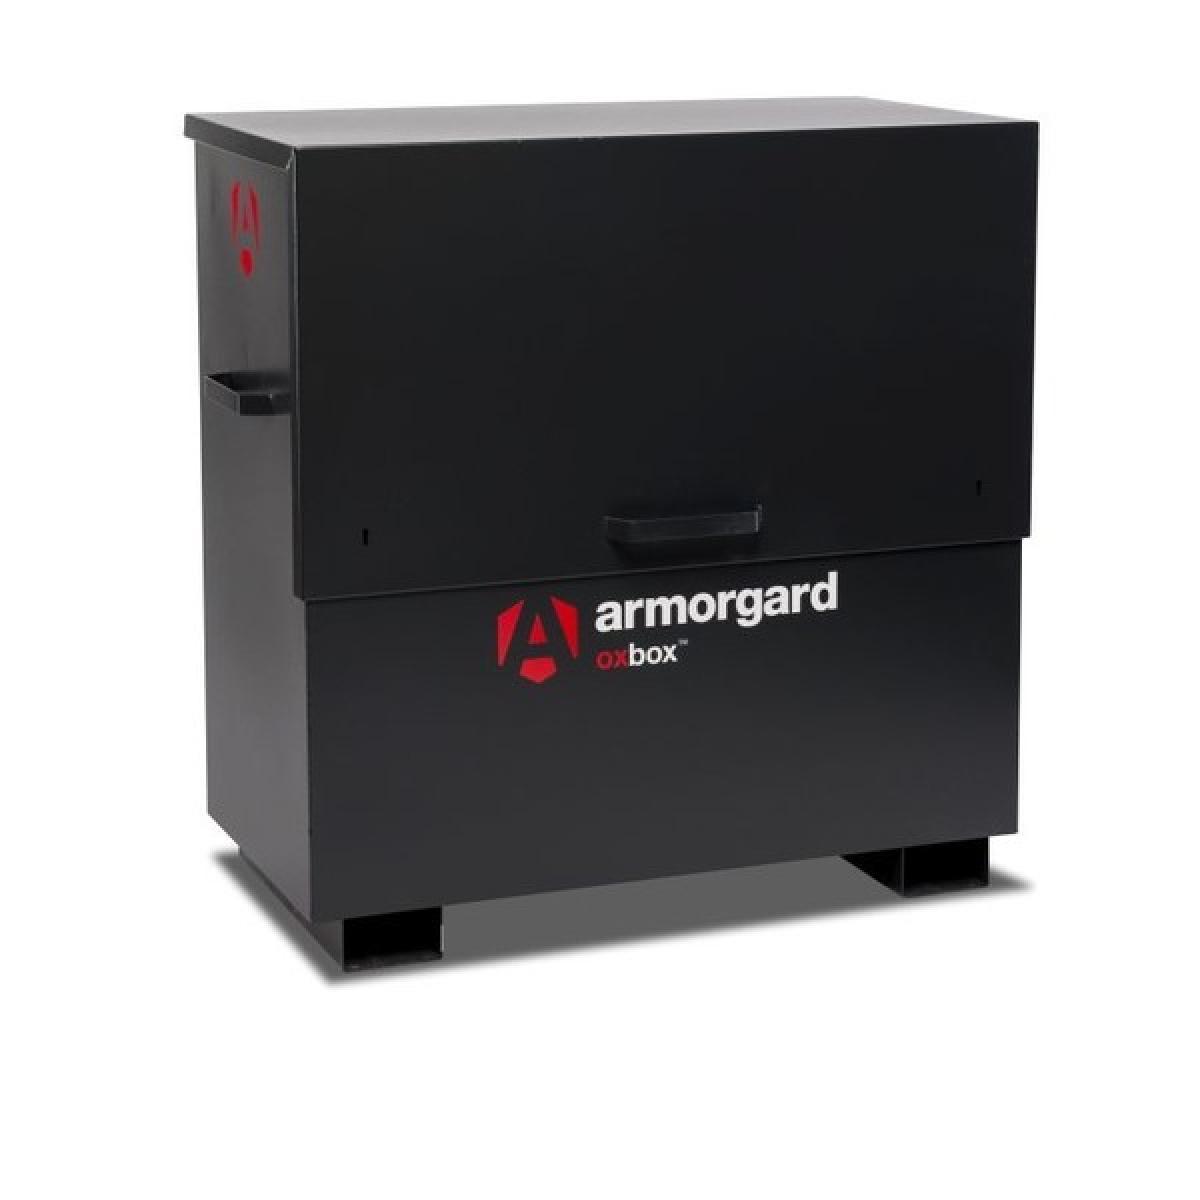 Armorgard Coffre de chantier Oxbox ARMORGARD 1210x640x1175 mm - OX4